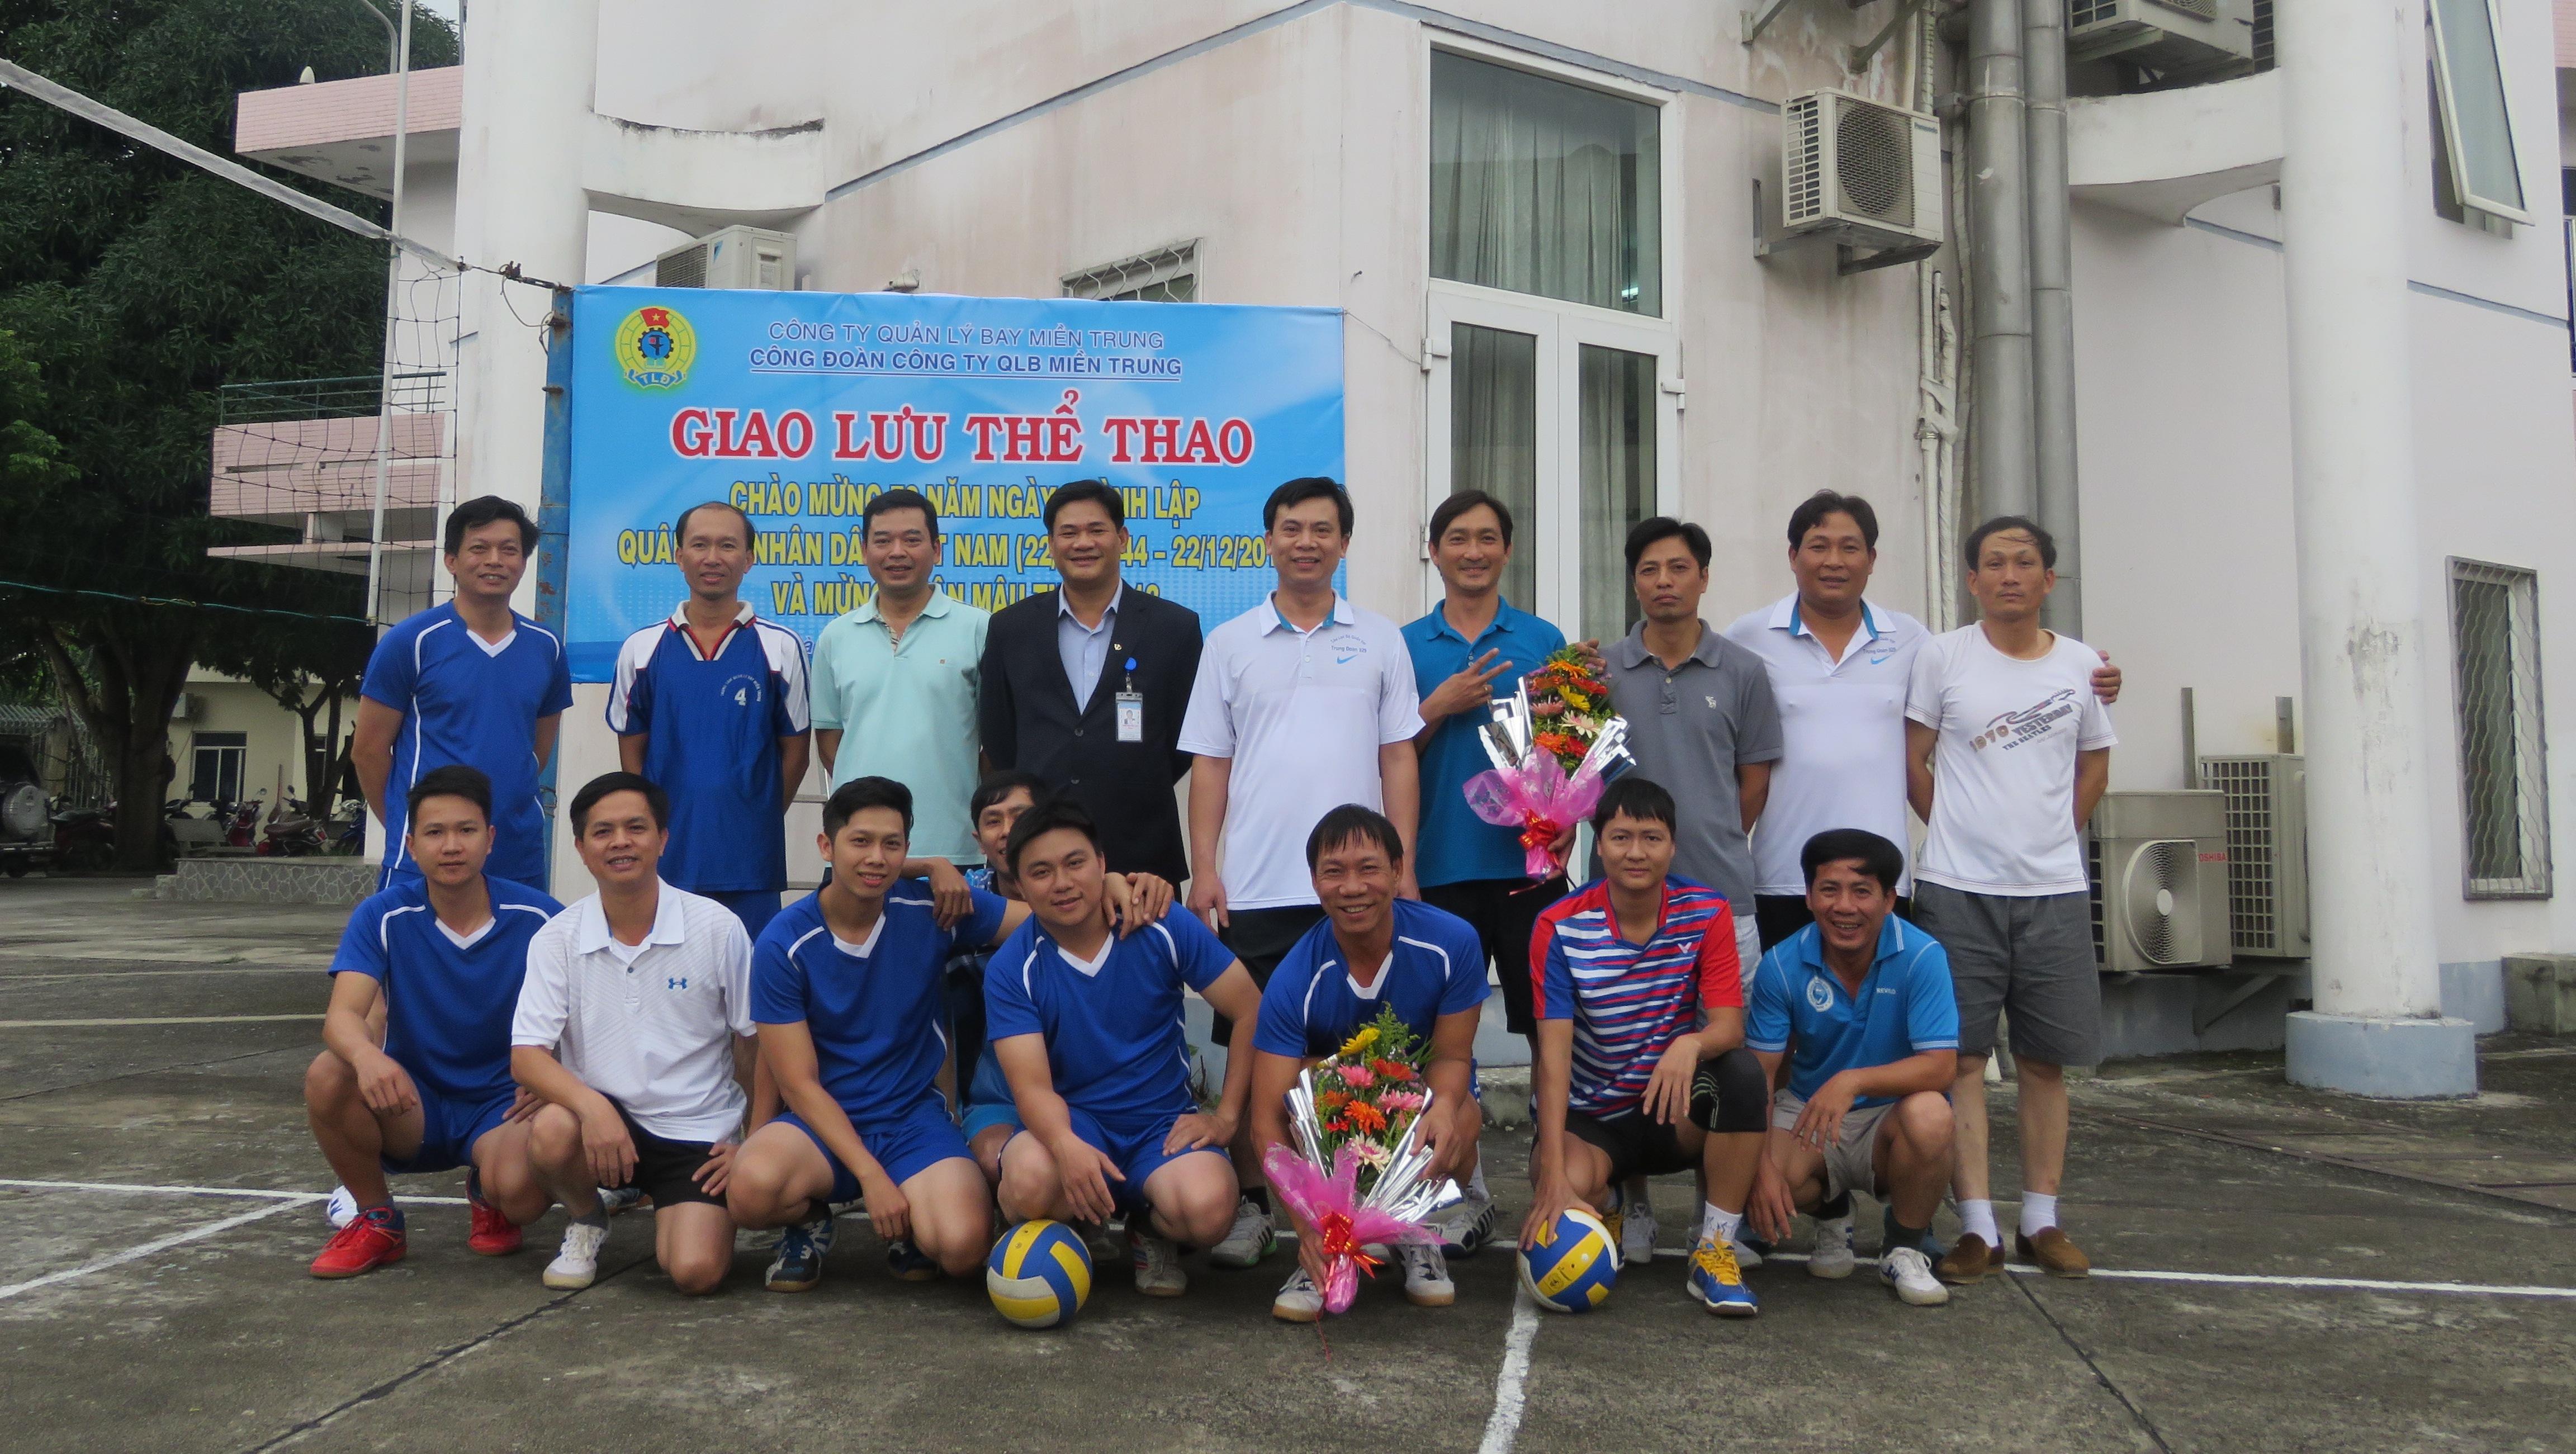 Hoạt động thể thao chào mừng Ngày Thành lập quân đội nhân dân Việt Nam tại Công ty Quản lý bay miền Trung